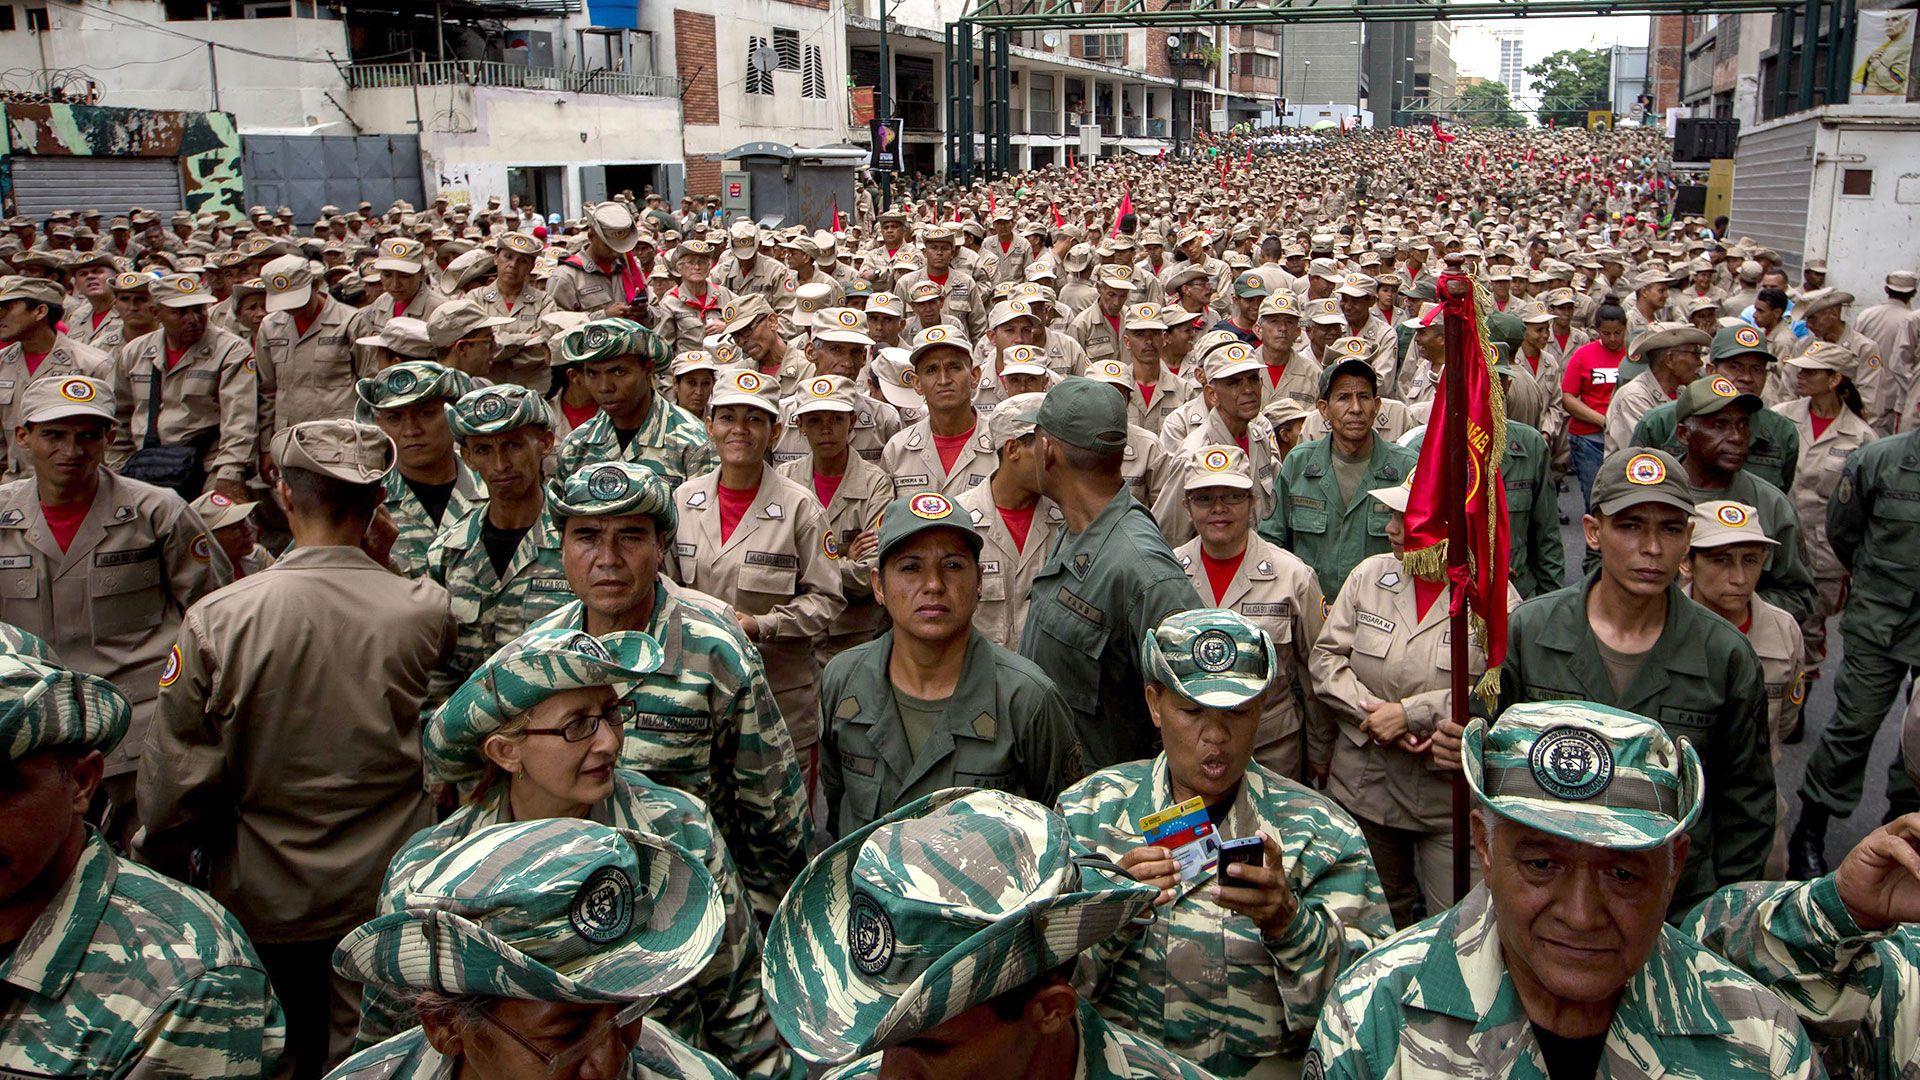 Crímenes sin Castigo | El declive del ejército profesional, por Javier Ignacio Mayorca